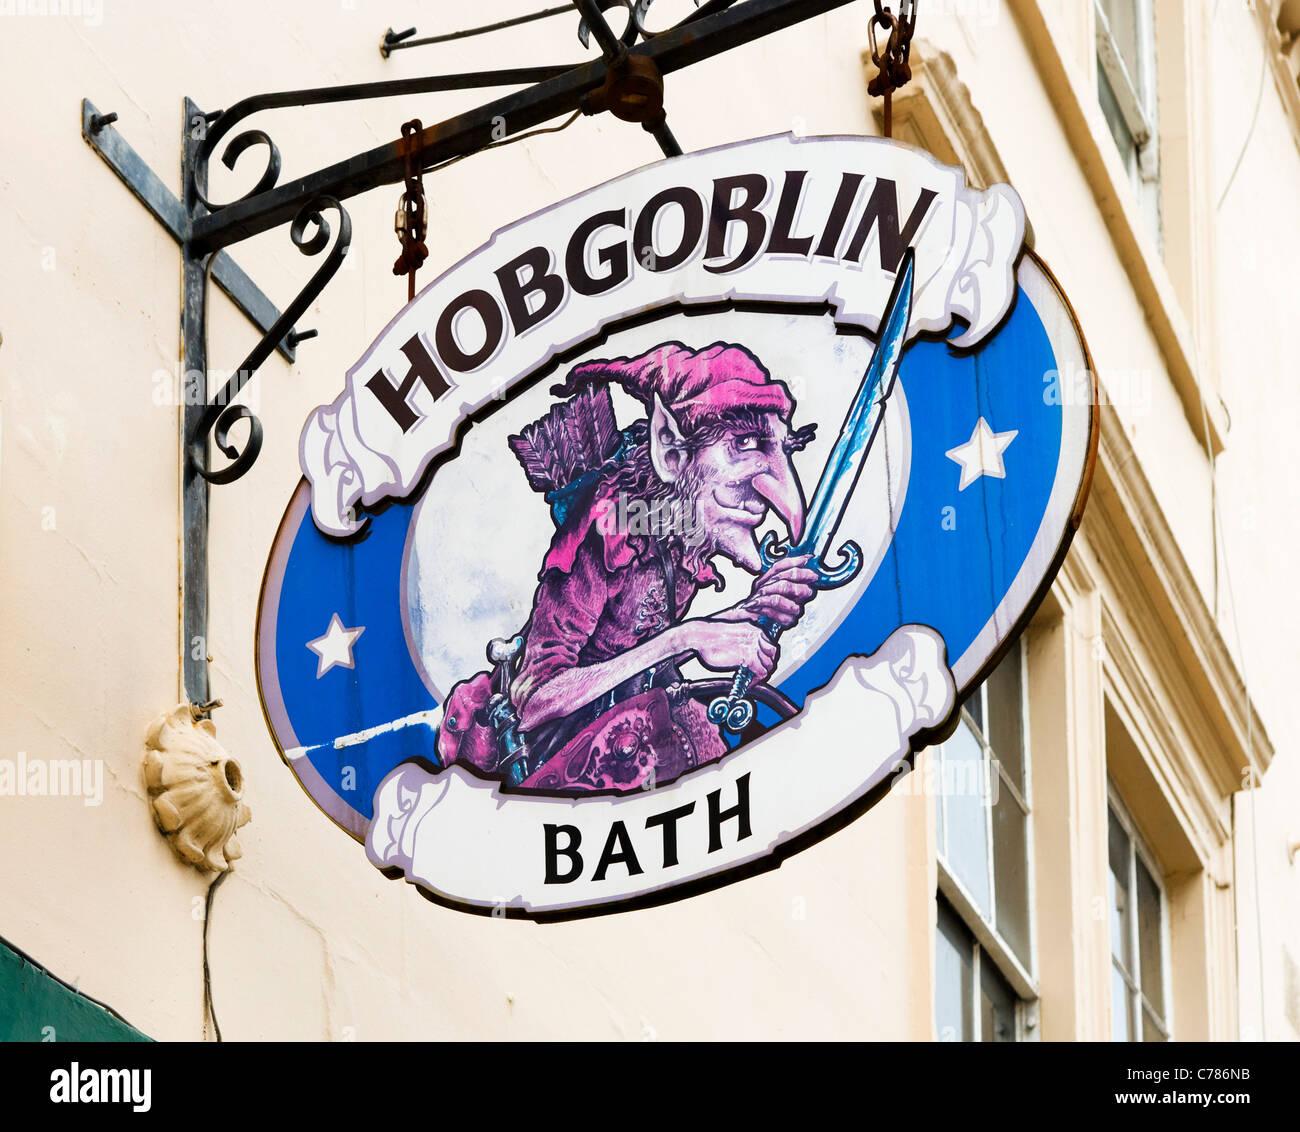 Melden Sie sich für die Hobgoblin-Kneipe in der Innenstadt, Bath, Somerset, England, UK Stockbild